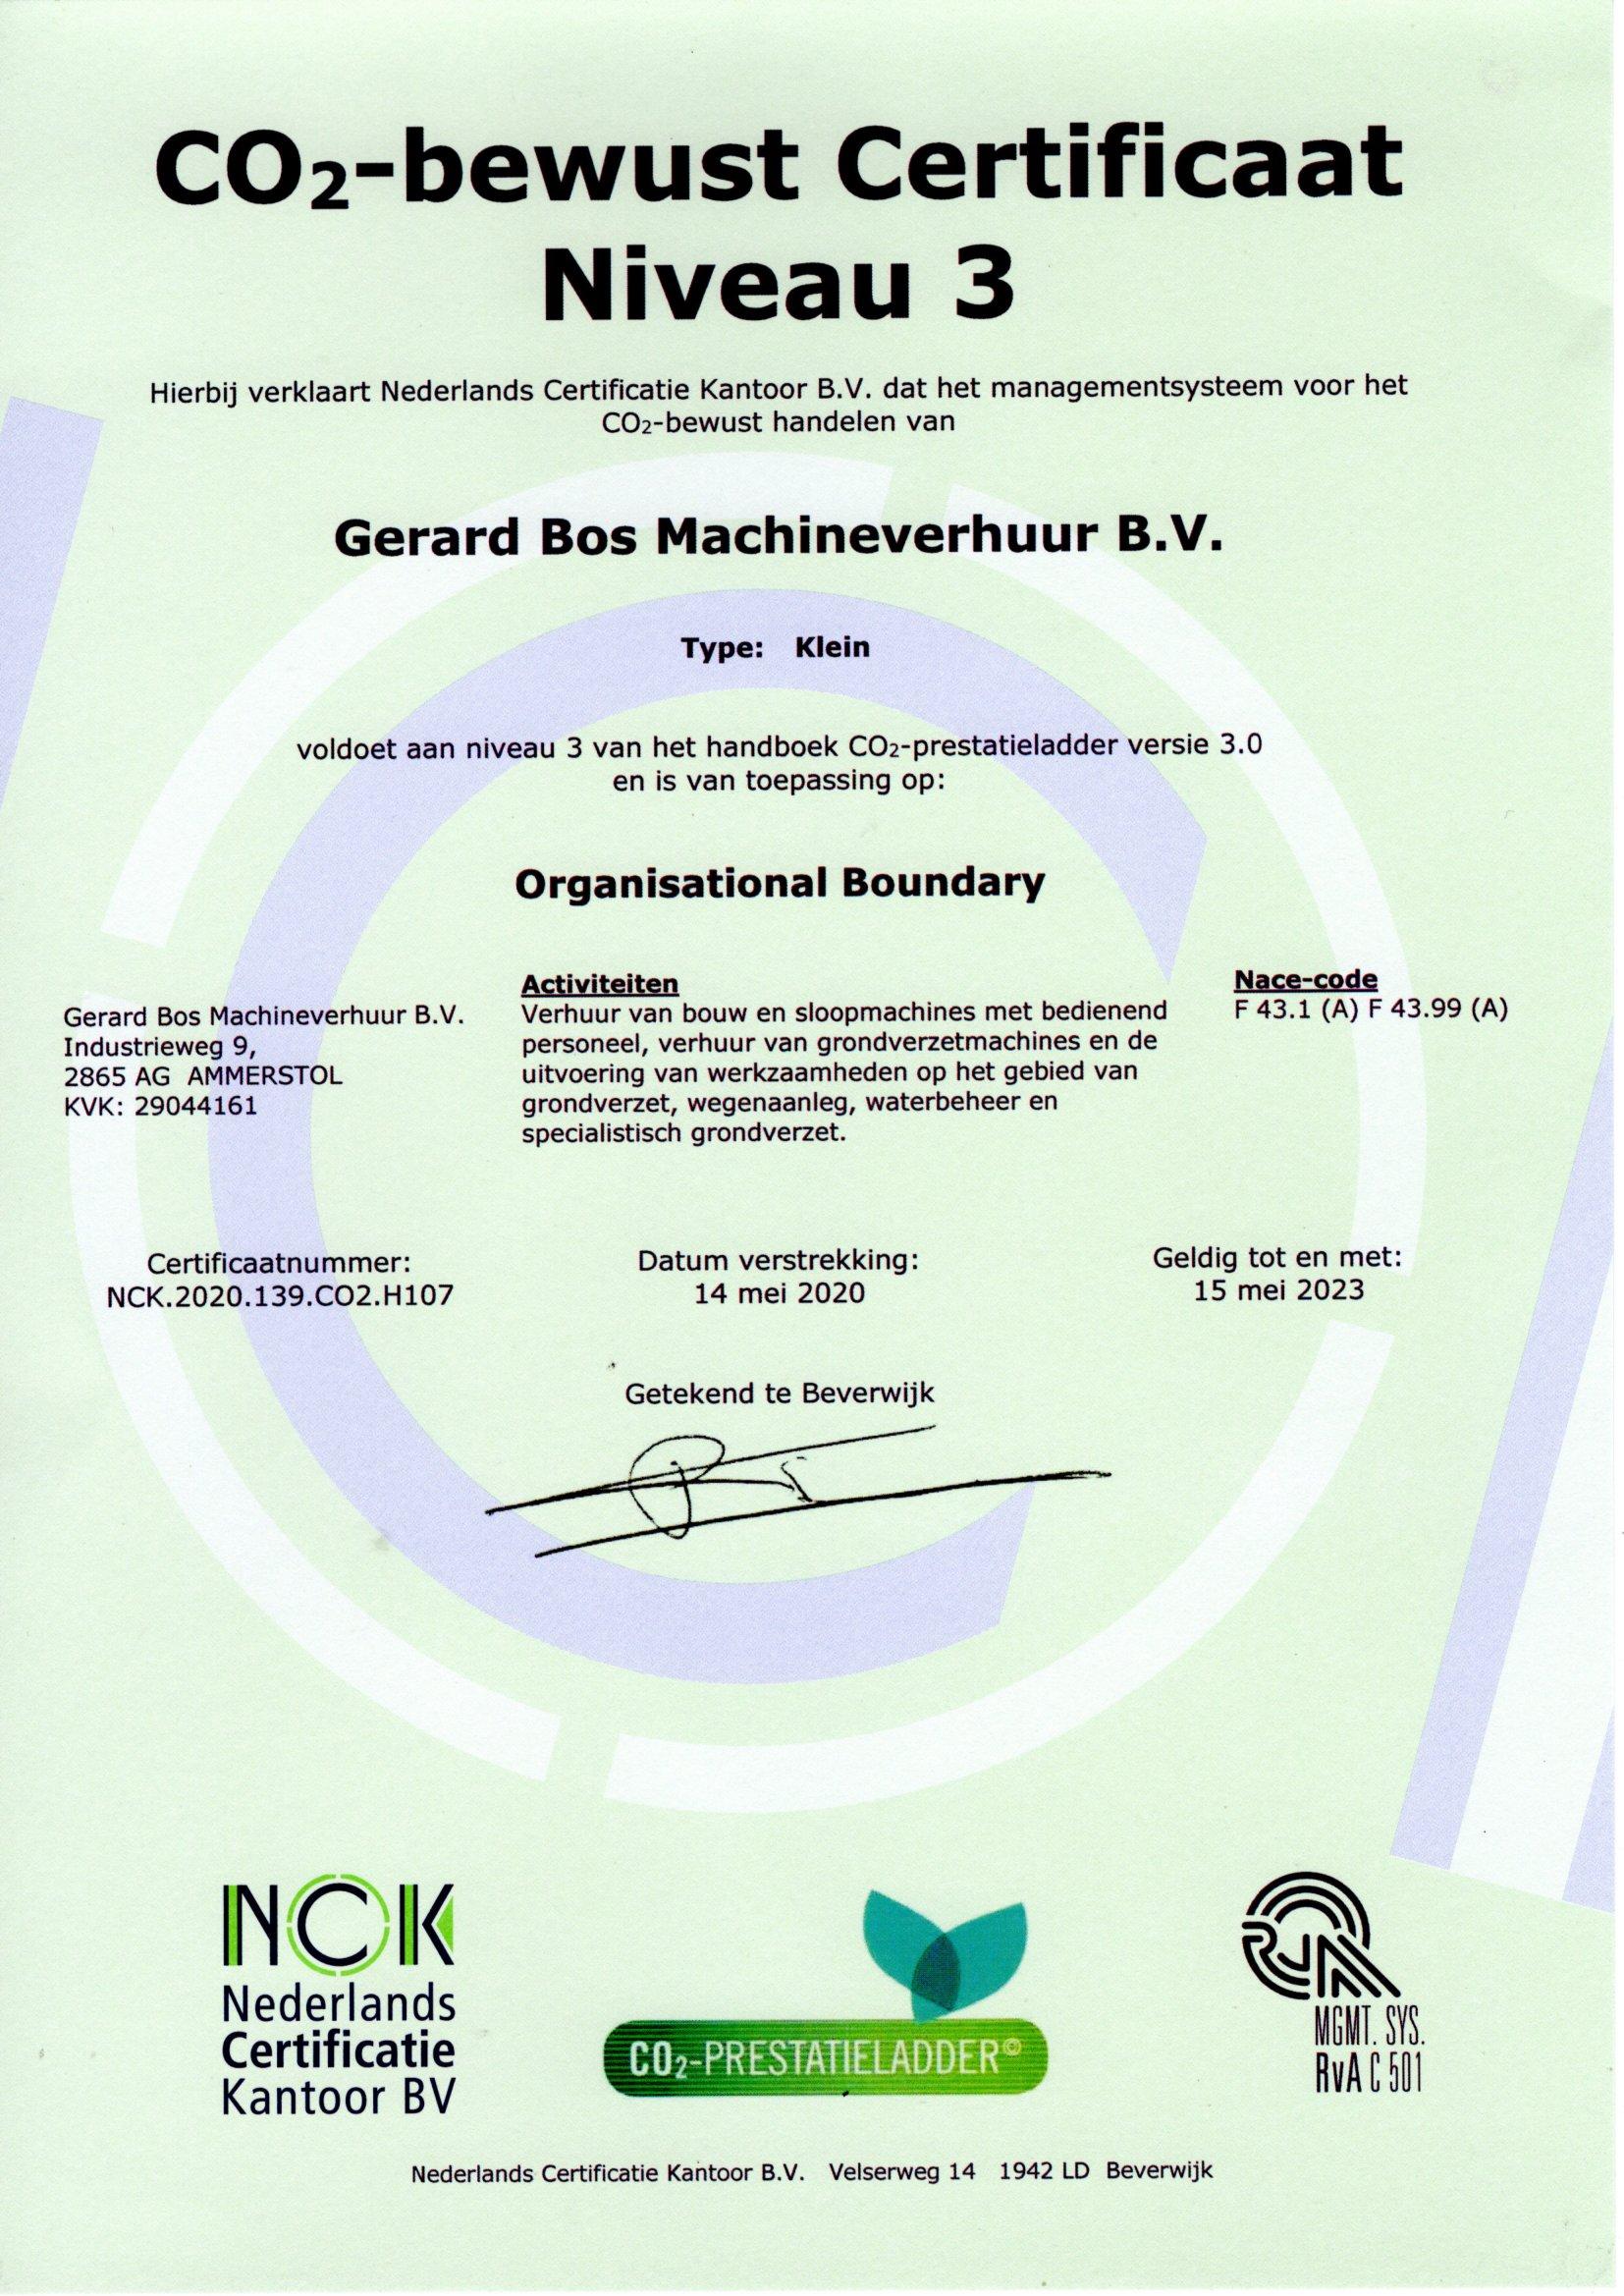 CO2-bewust Certificaat versie 3.0 geldig tm 15-05-2023